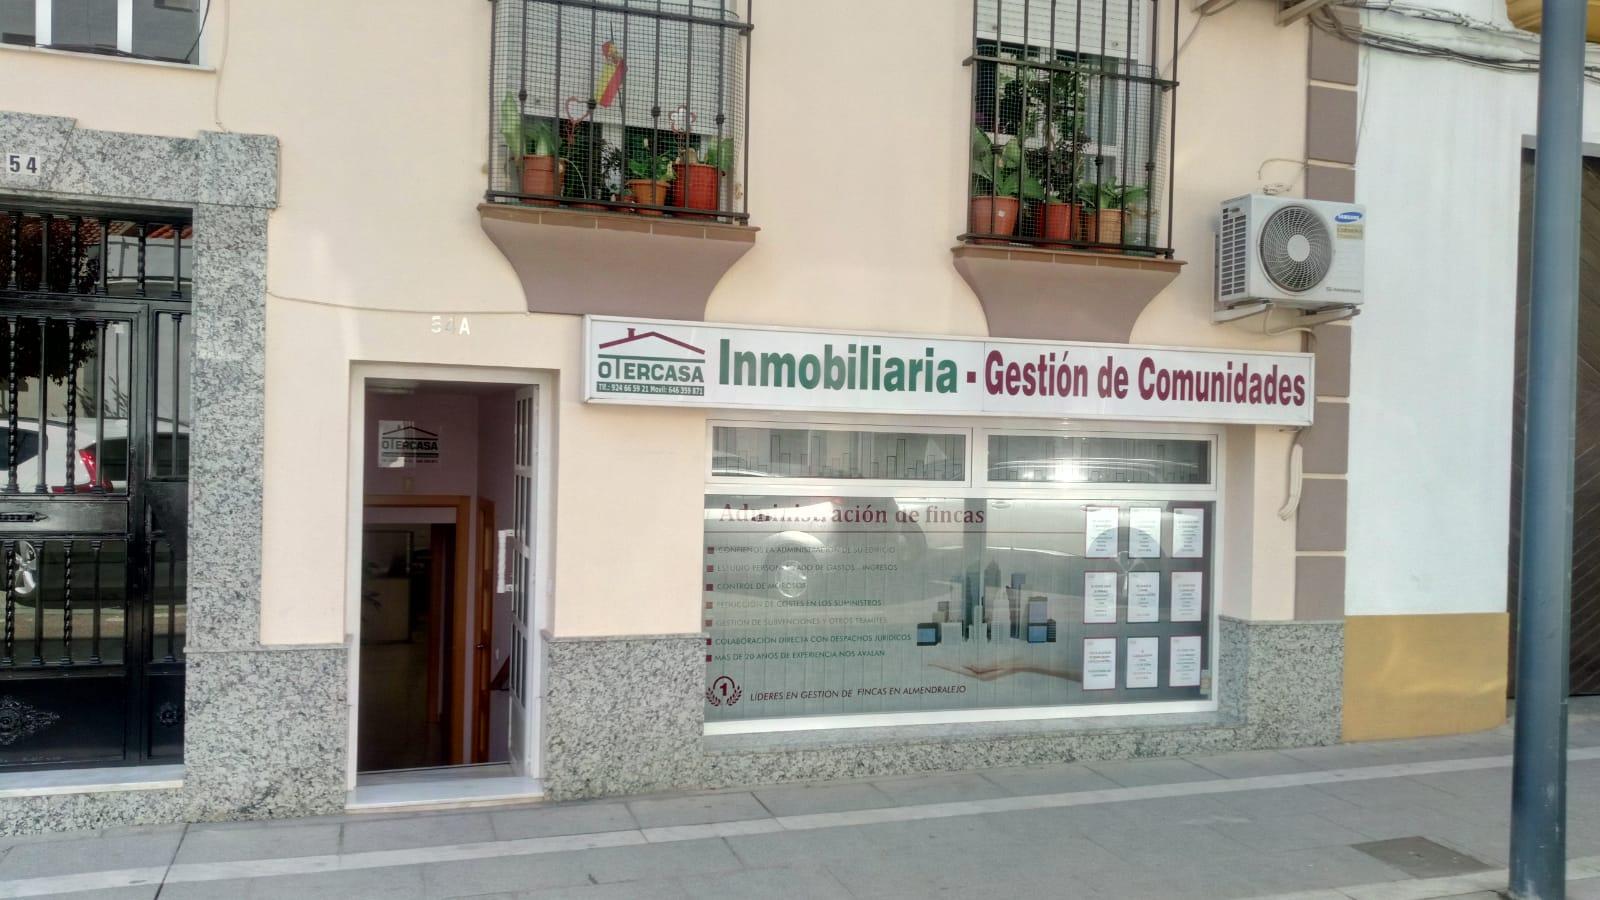 INMOBILIARIA OTERCASA ALMENDRALEJO